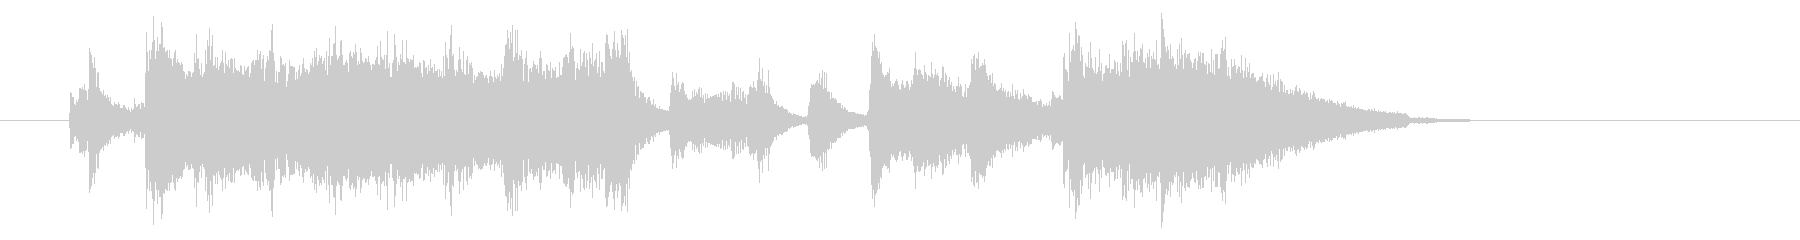 Popな王道ビッグバンド 2の未再生の波形